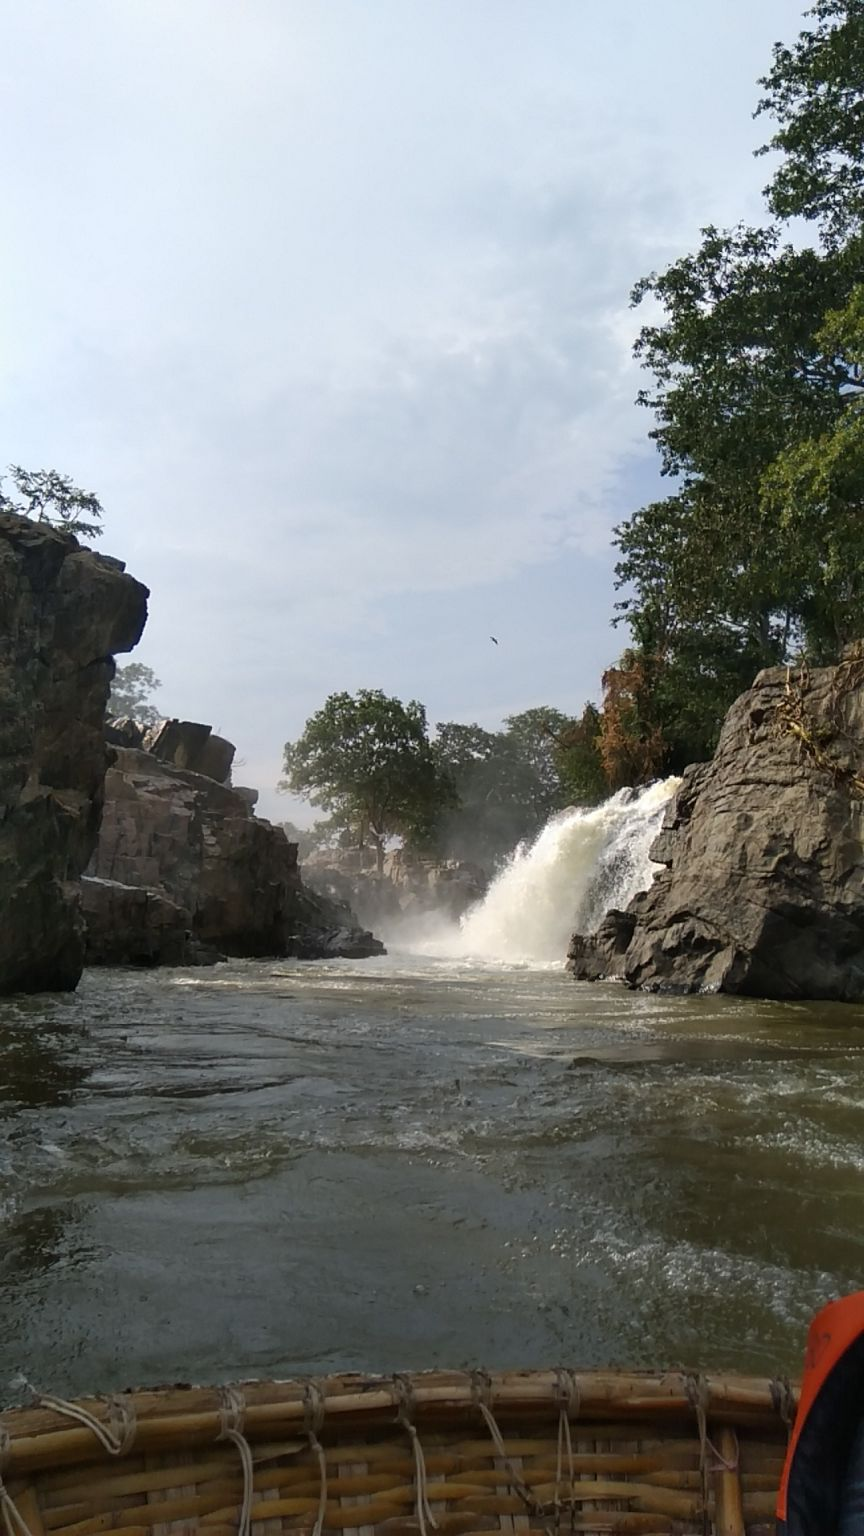 Photo of Hogenakkal Waterfalls By Vinod Tiwari